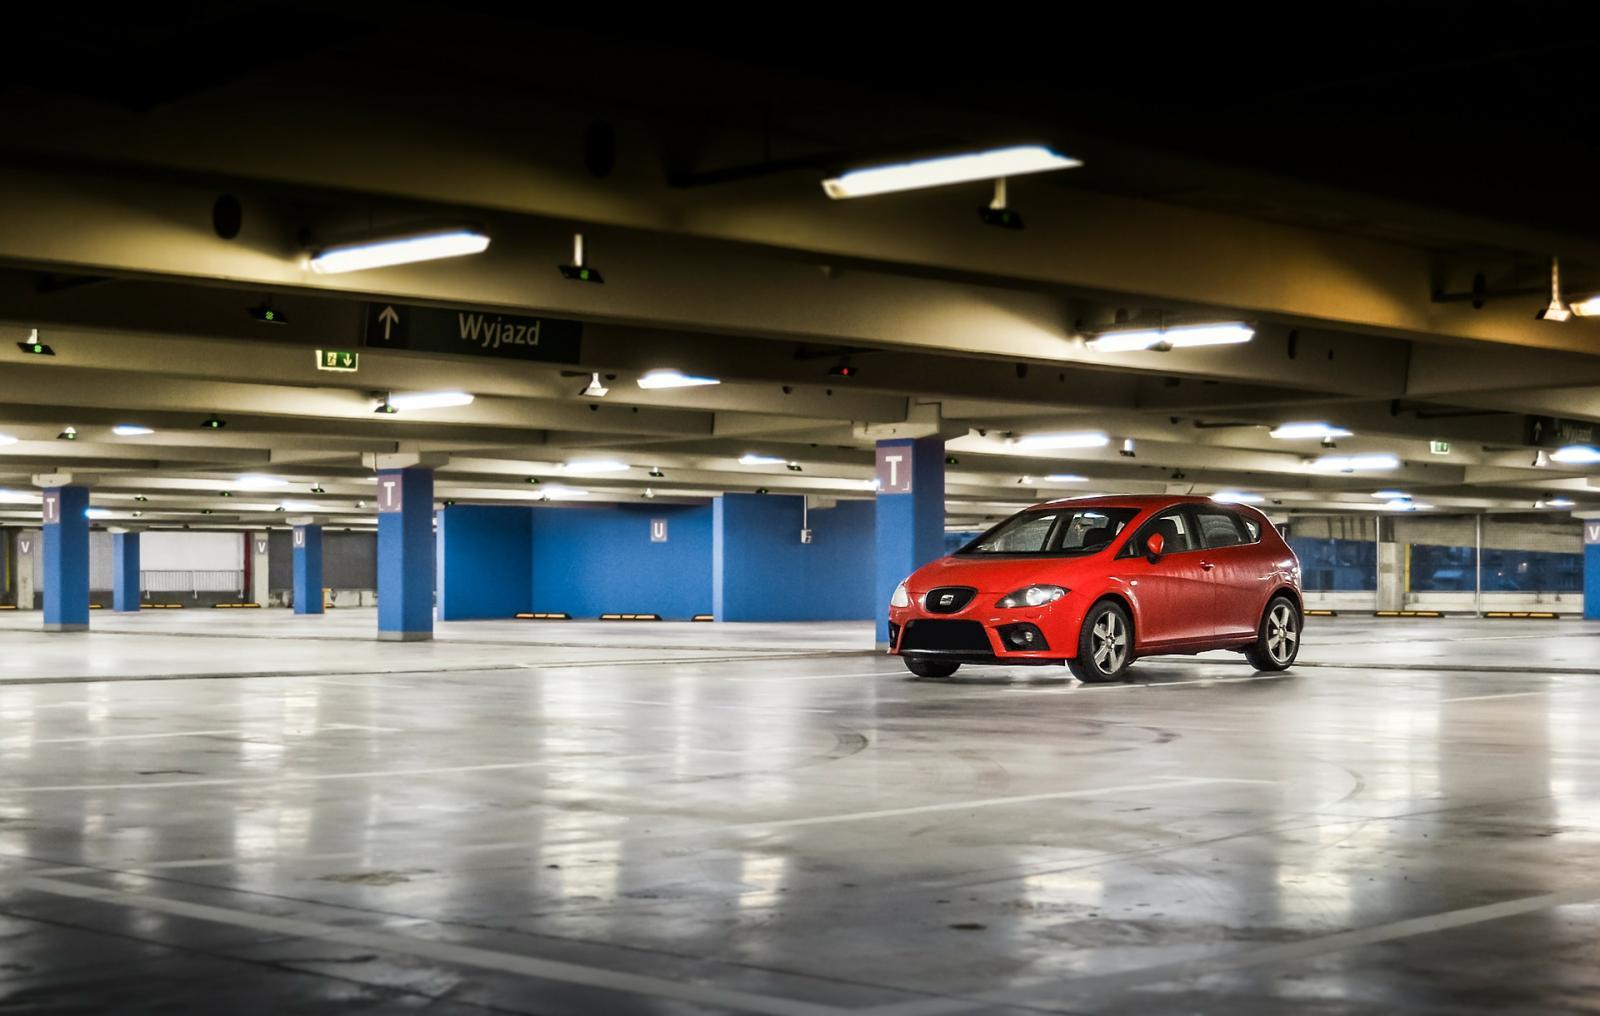 Comprar auto en linea: Auto en un estacionamiento